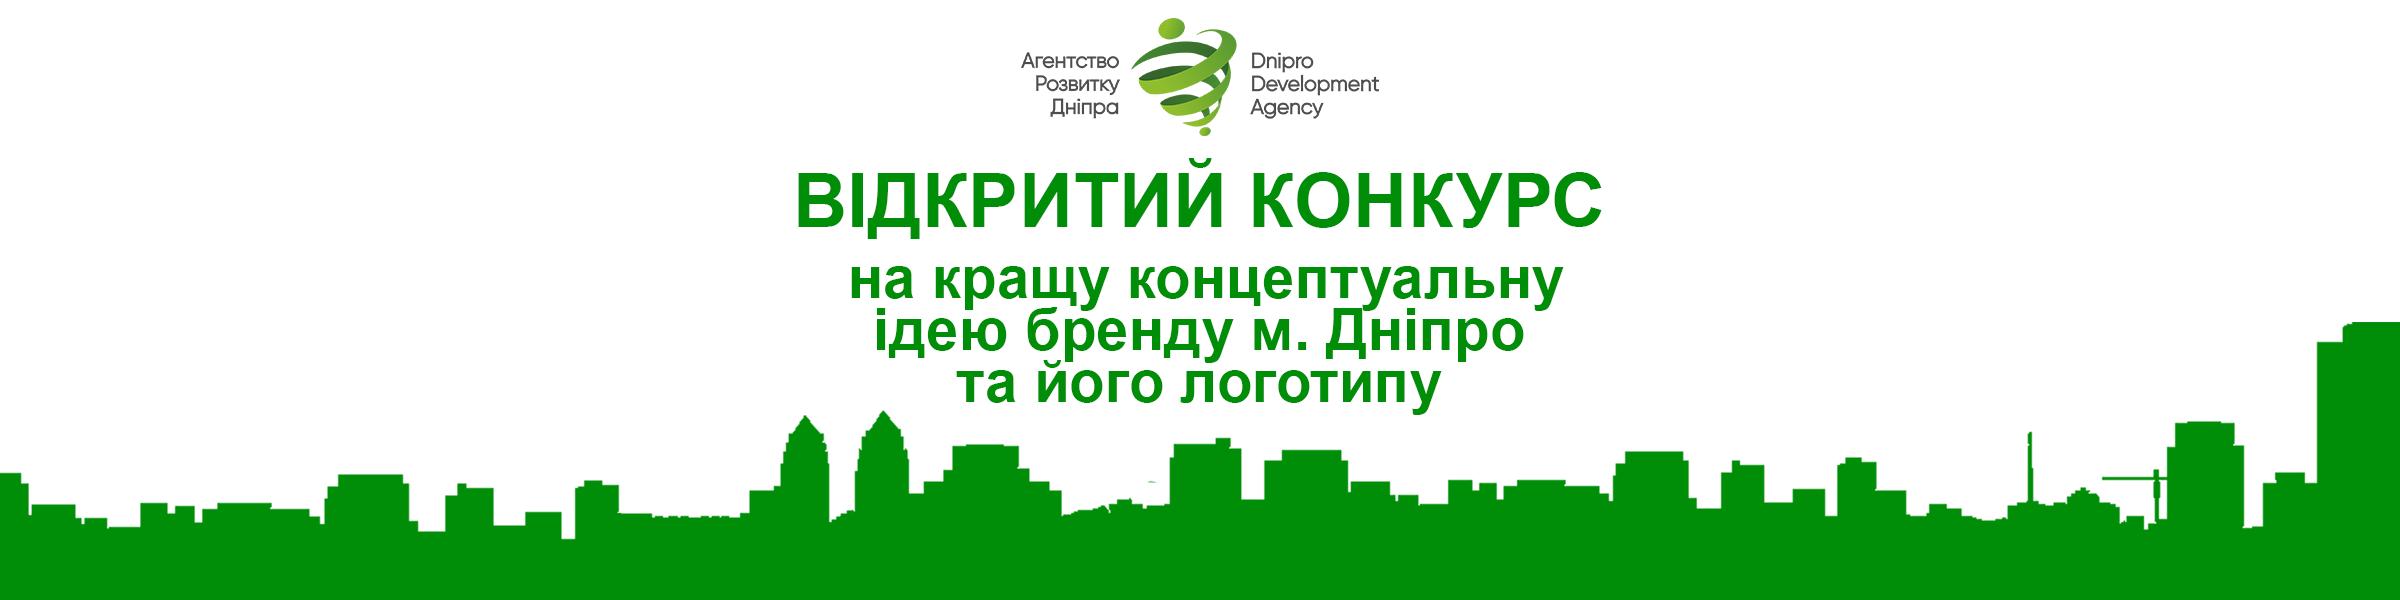 Конкурс на кращу концептуальну ідею бренду міста Дніпро та його логотипу